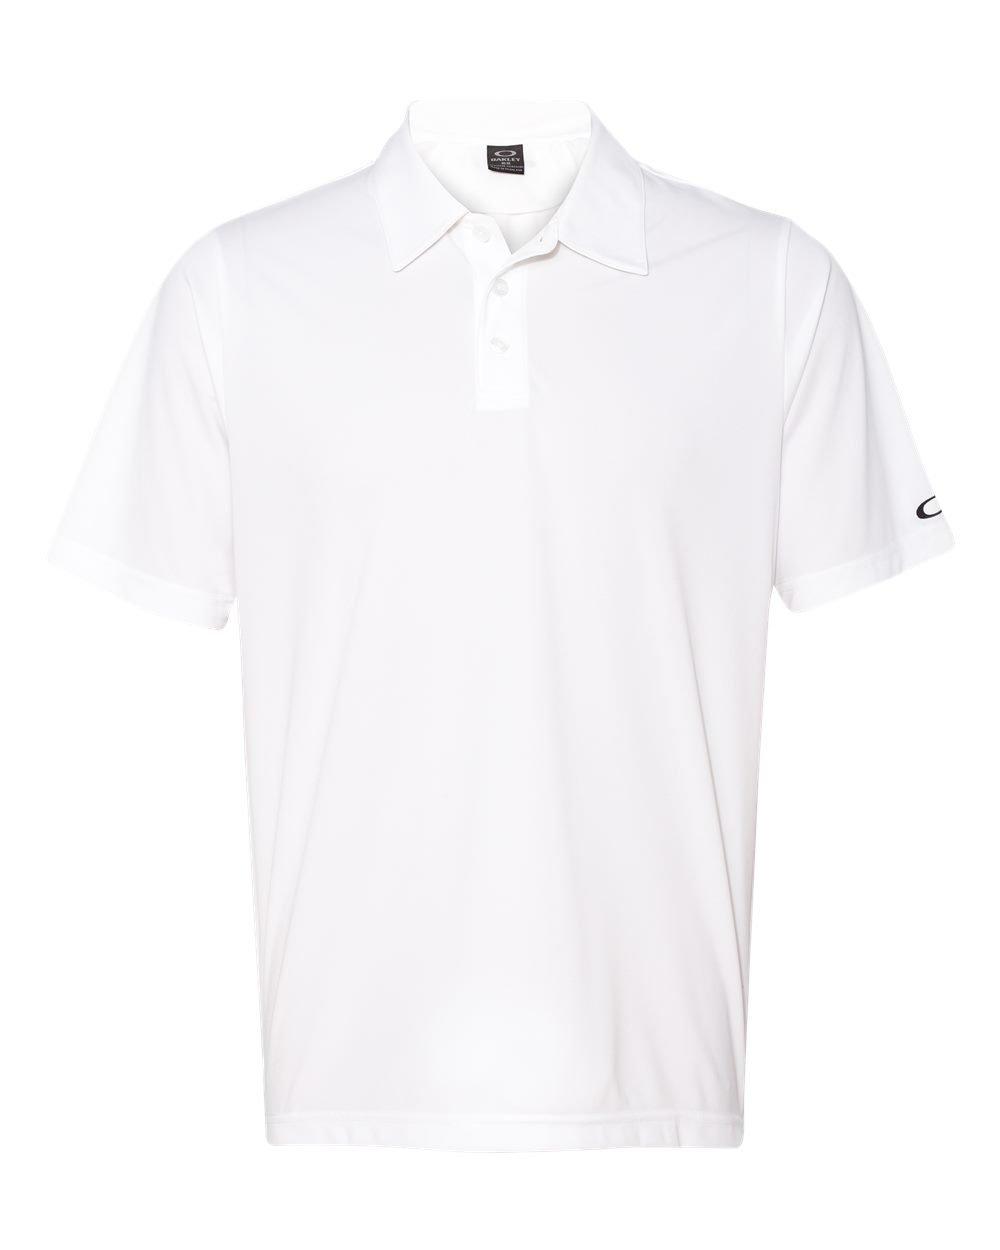 Oakley SHIRT メンズ B00XQ2BOUY L|ホワイト ホワイト L